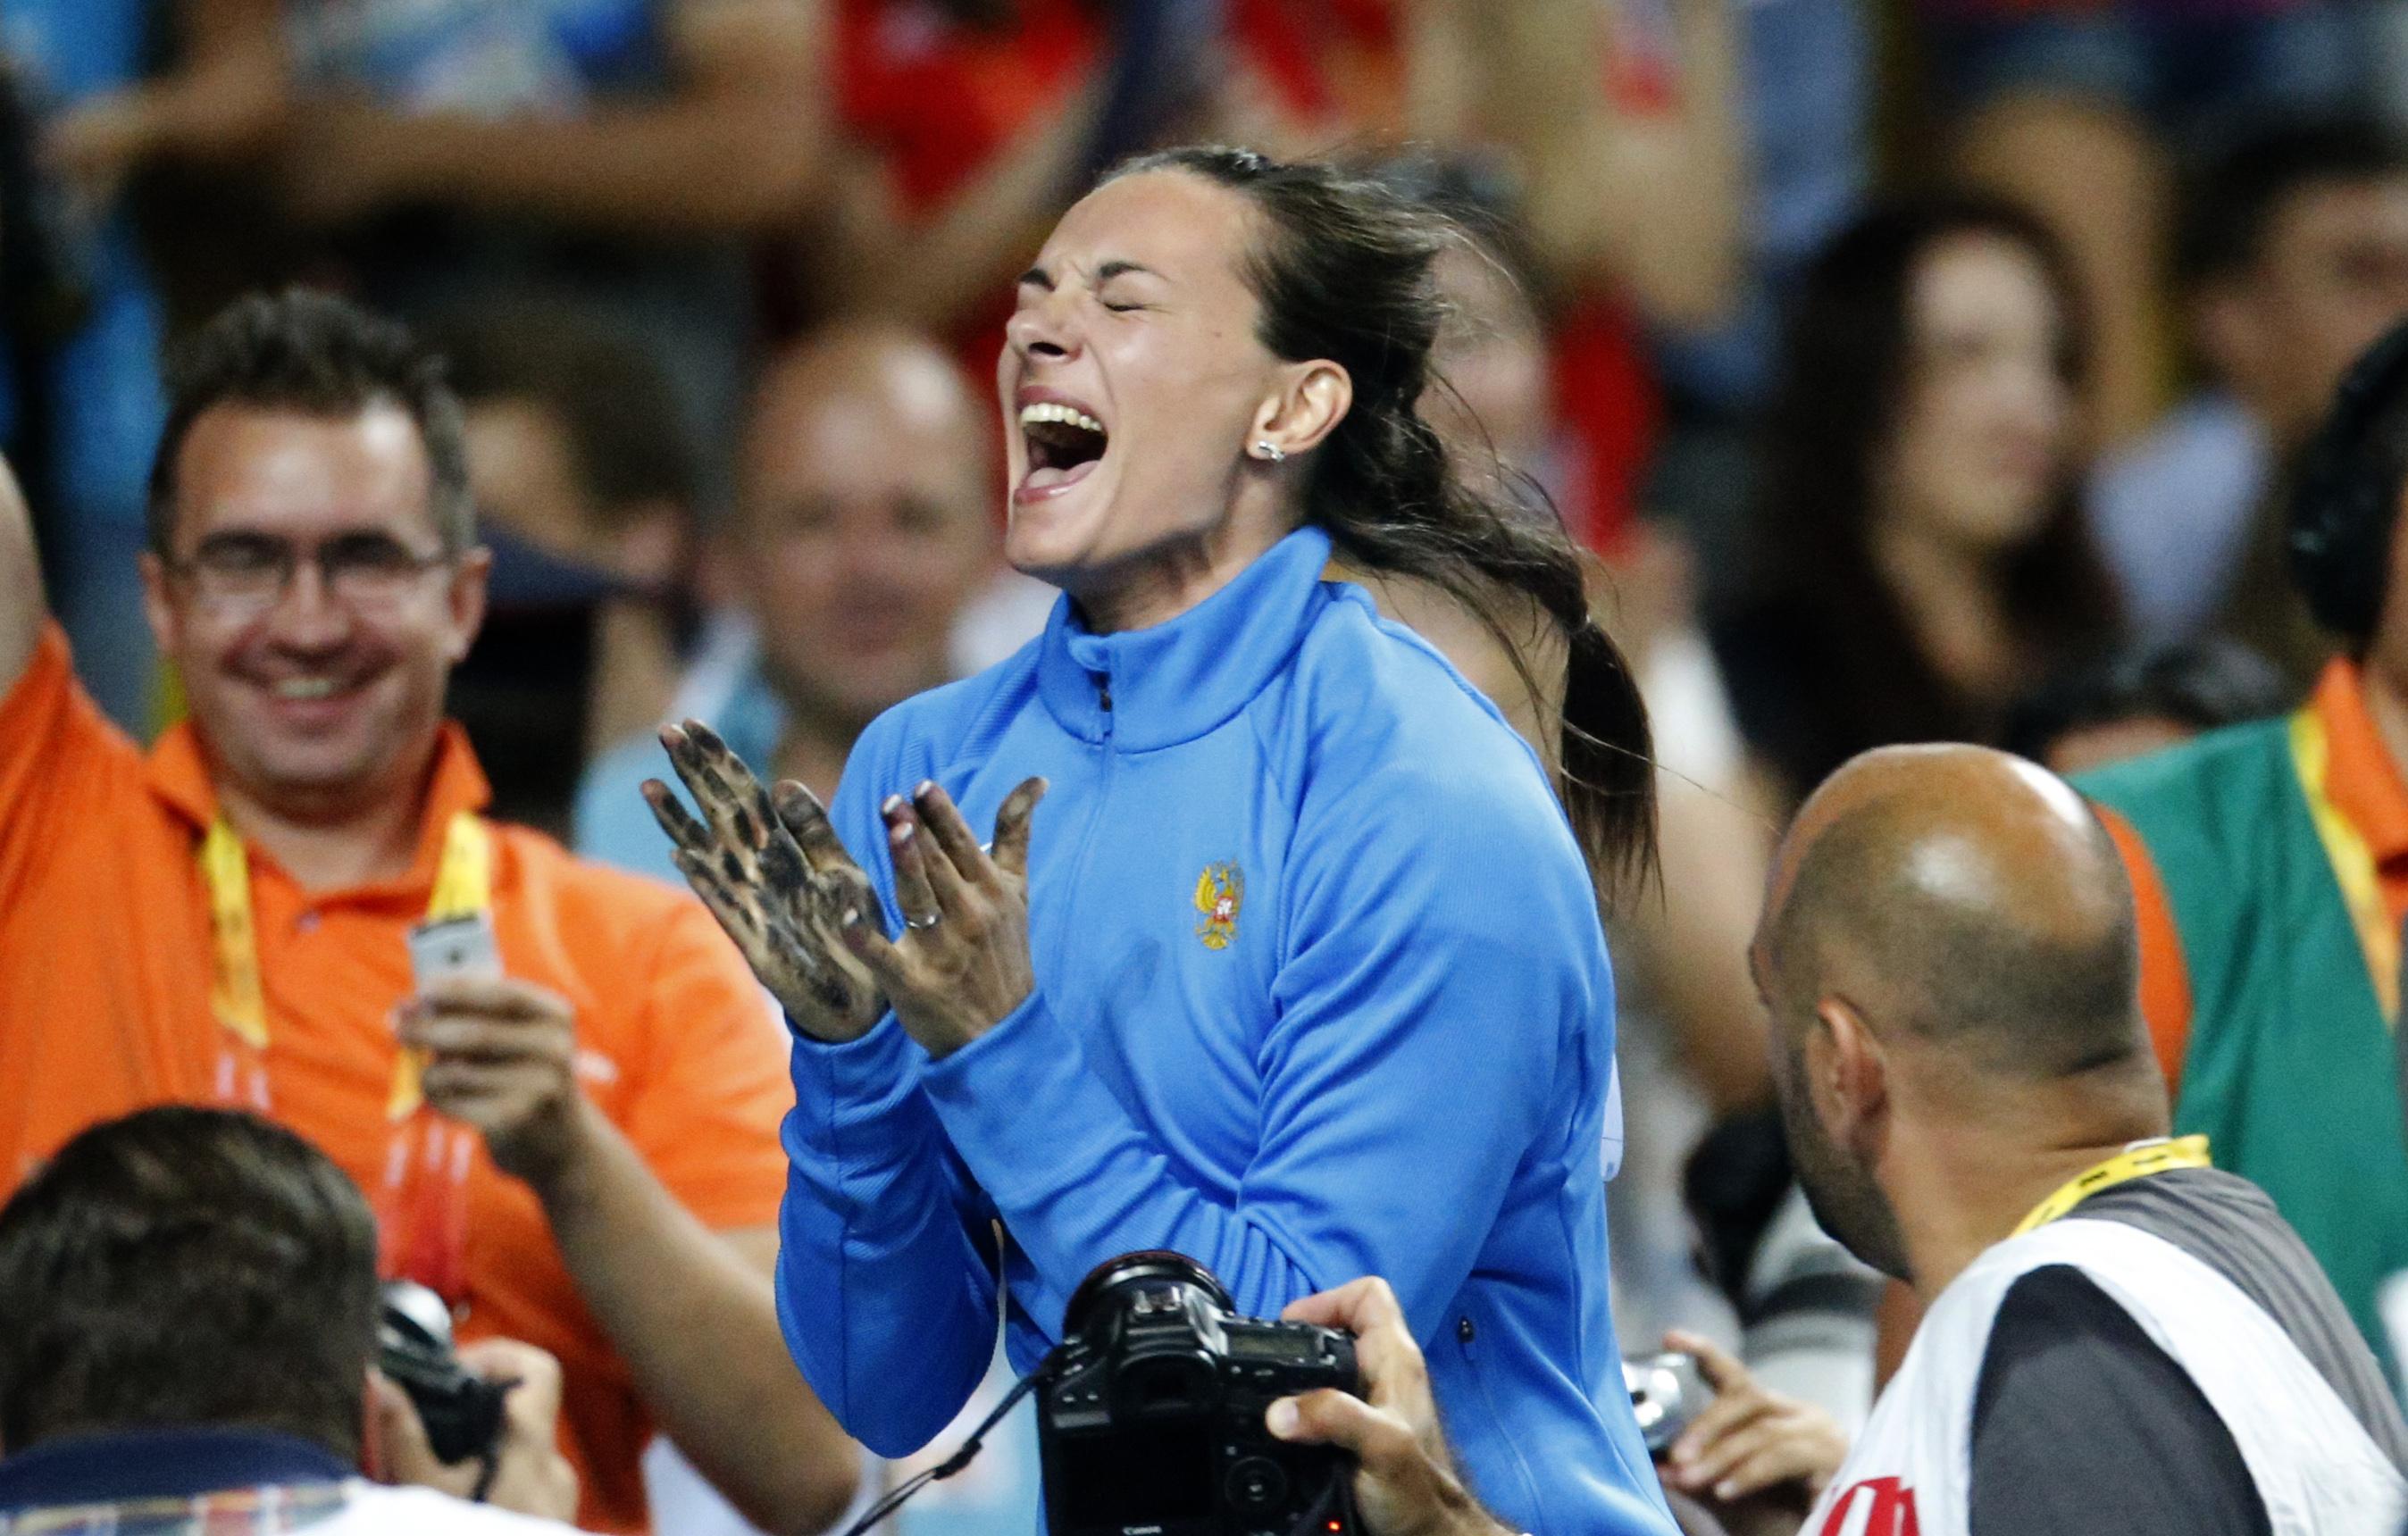 10 самых неожиданных побед и запоминающихся поражений в спорте со всего мира